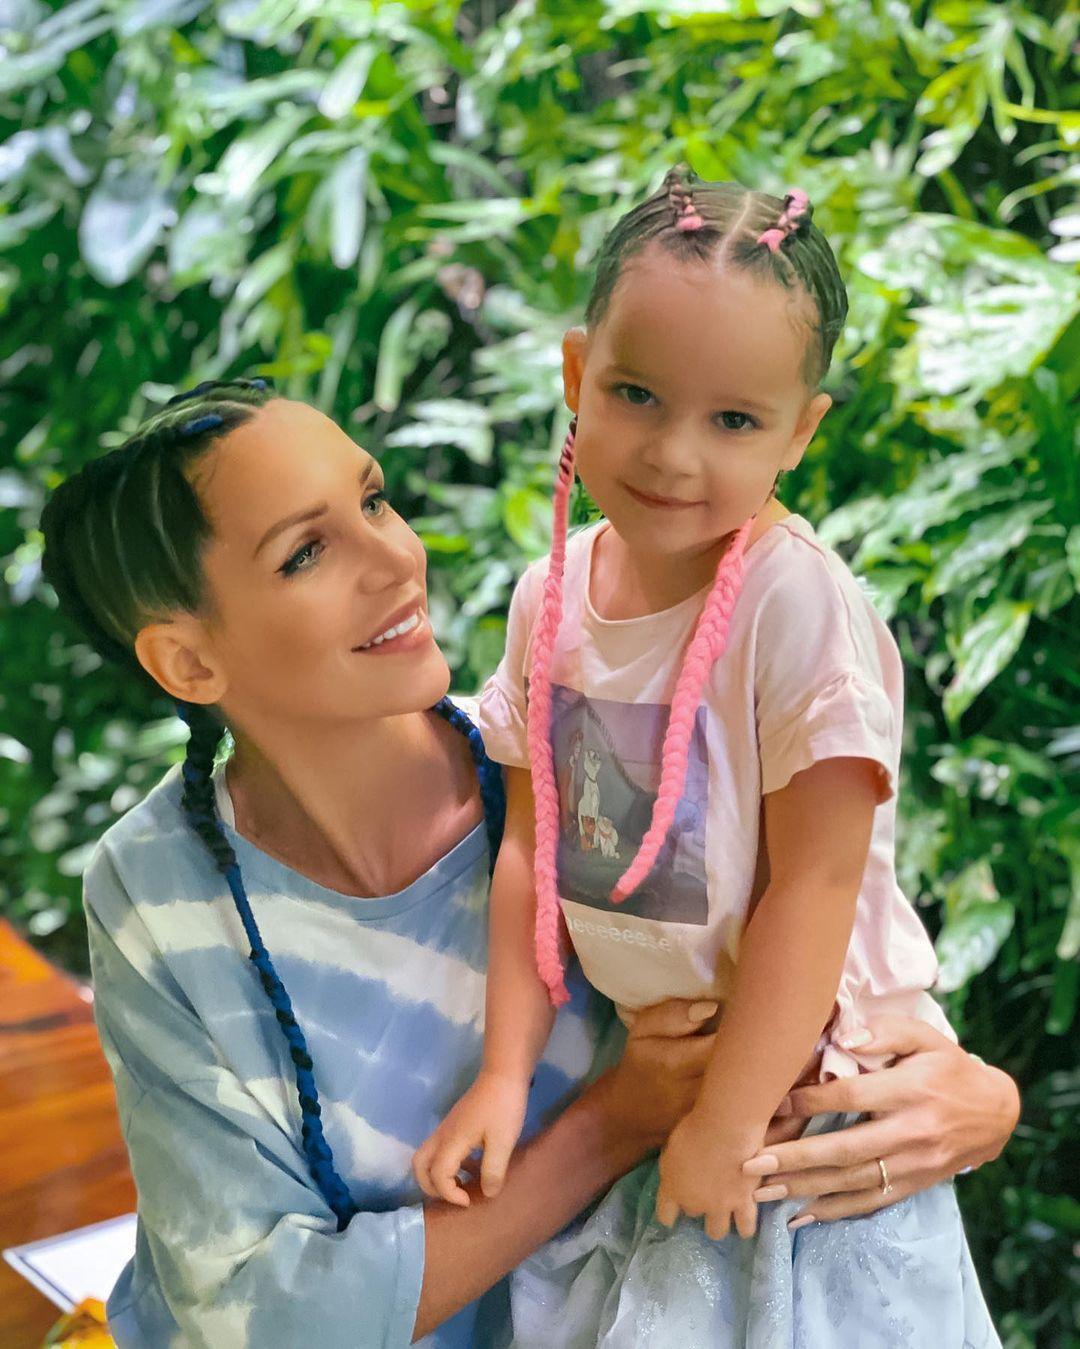 julia-paredes-mamans-et-celebres-enceinte-de-son-deuxieme-enfant-ce-message-qui-affole-ses-fans